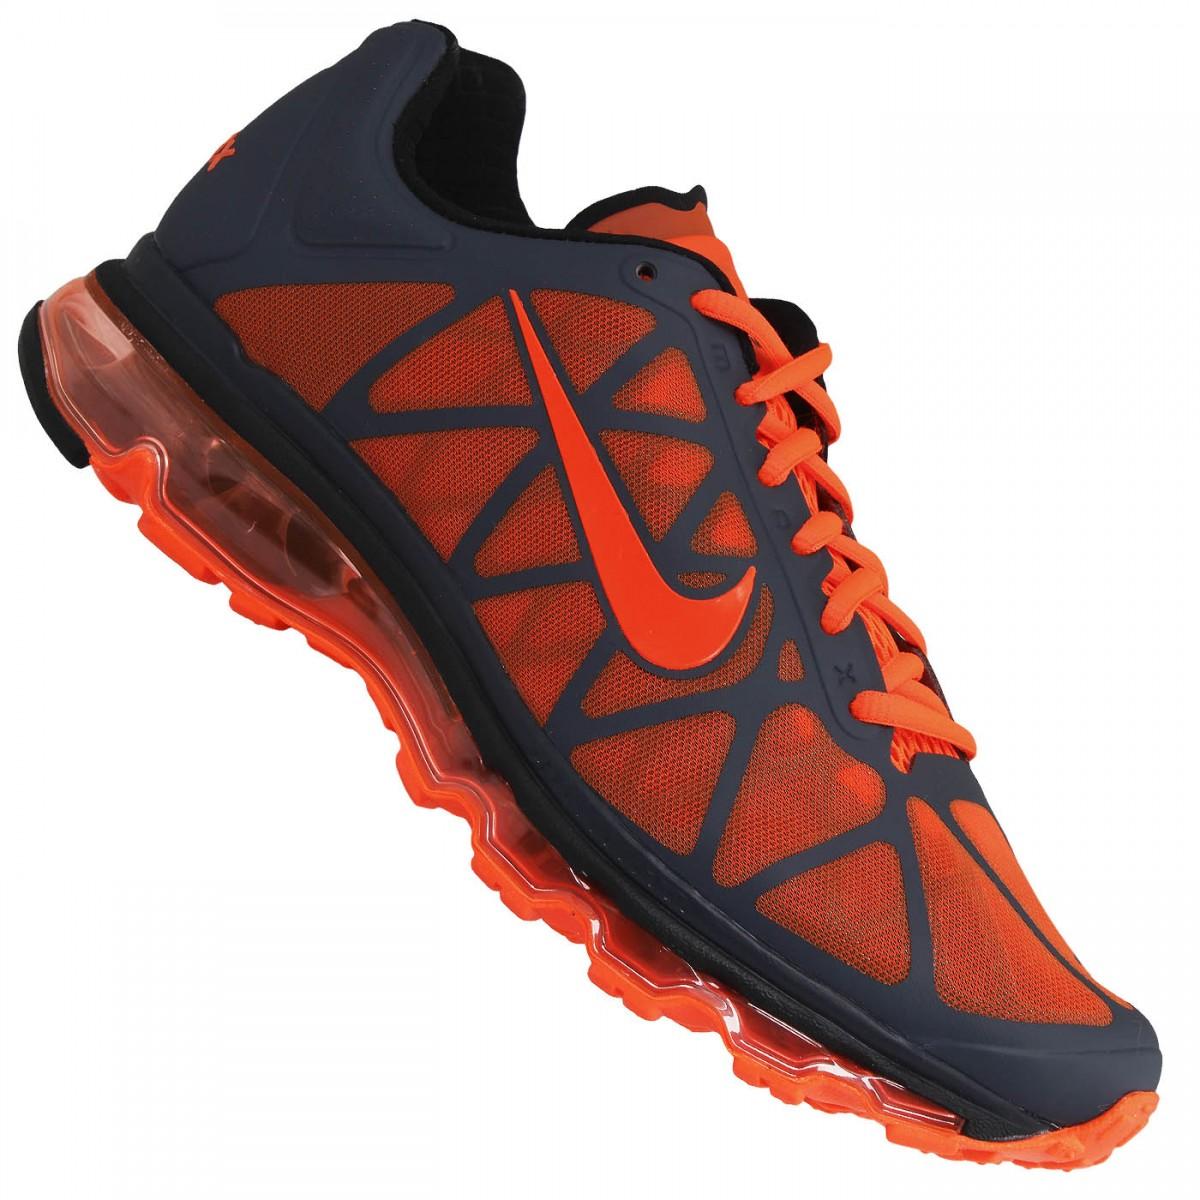 97f72df303d16 Tênis Nike Air Max 2011 - Masculino | Treino e Corrida